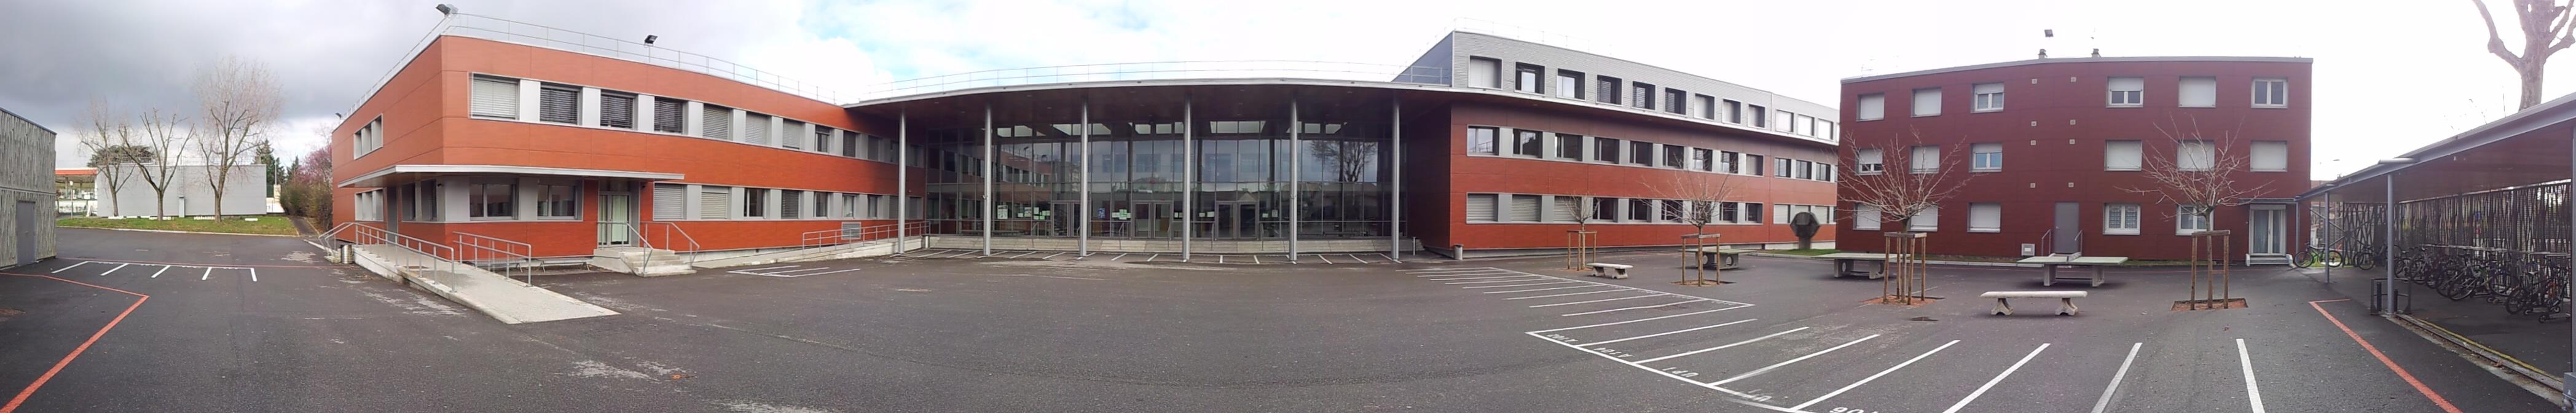 Collège Pablo Picasso